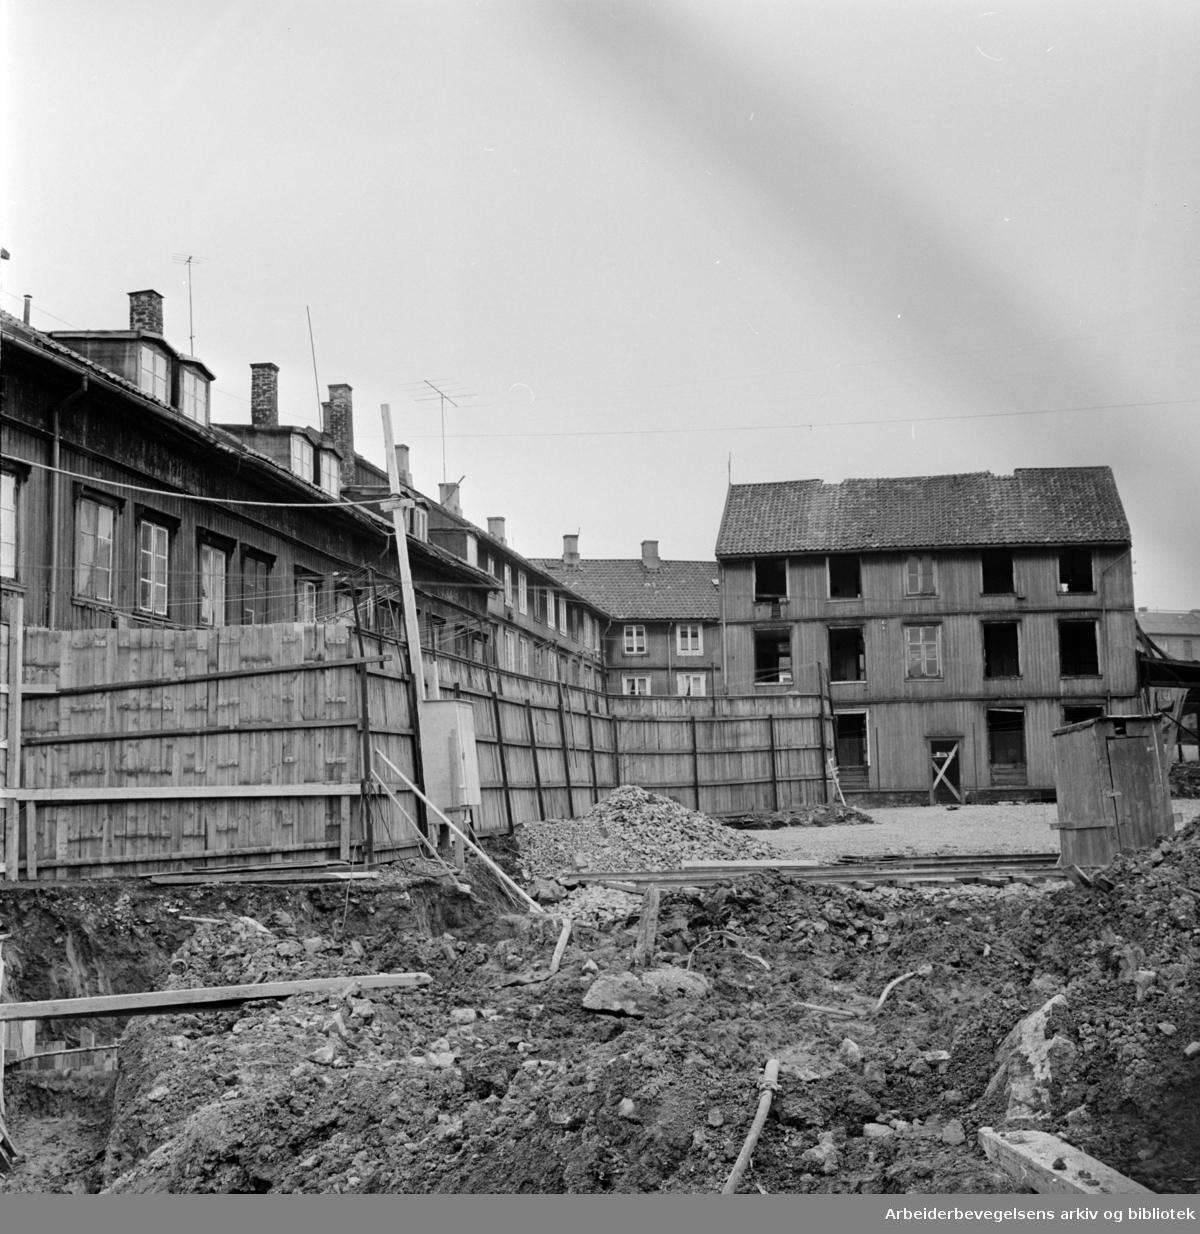 Verksgata. Verksgata 35. Alle familier må ut, men ingen tilbud om nye boliger. April 1963